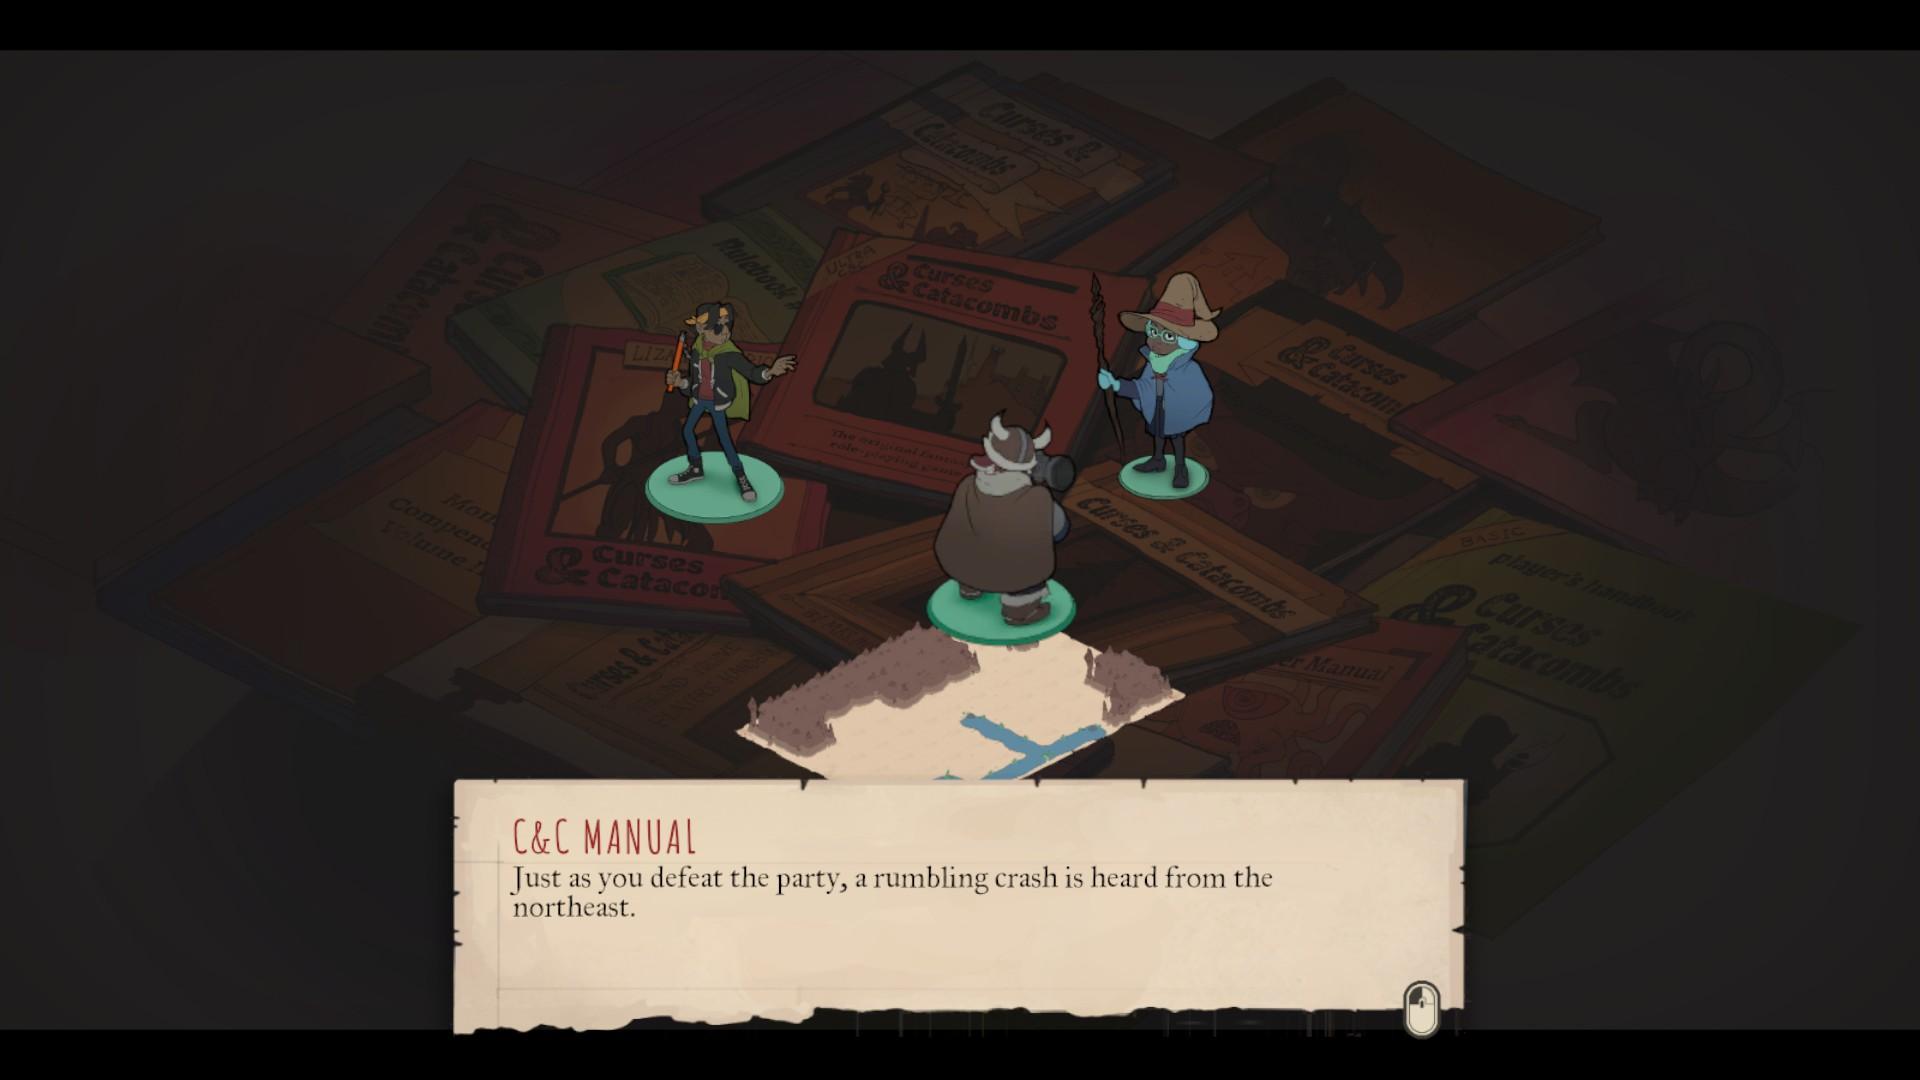 Les personnages jouent à un pastiche de Donjons et Dragons.